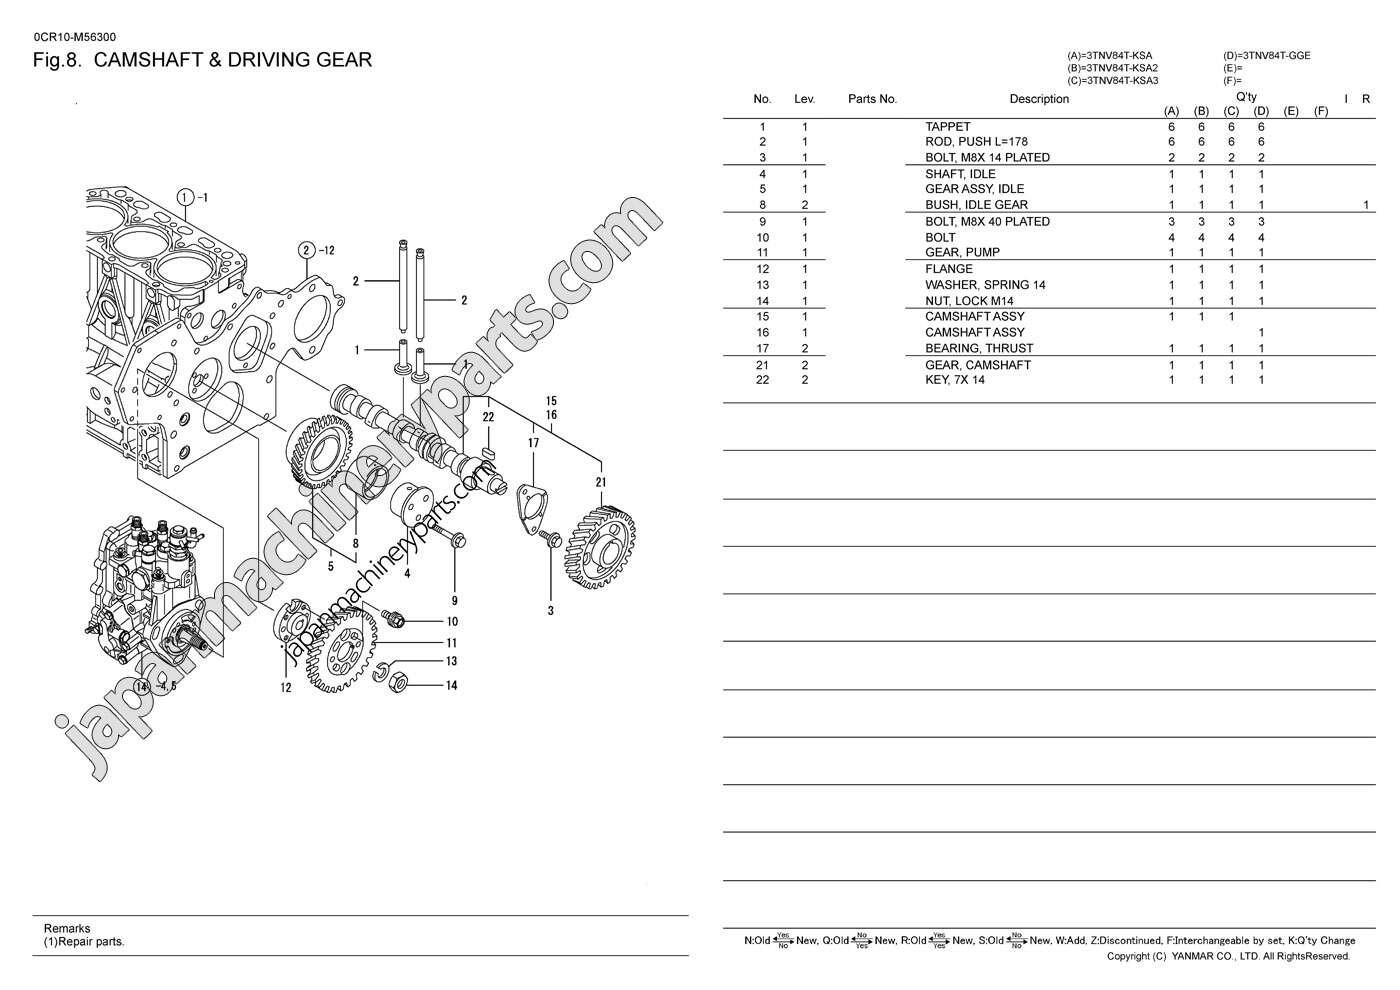 M14 Parts Diagram - Wiring Diagrams ROCK